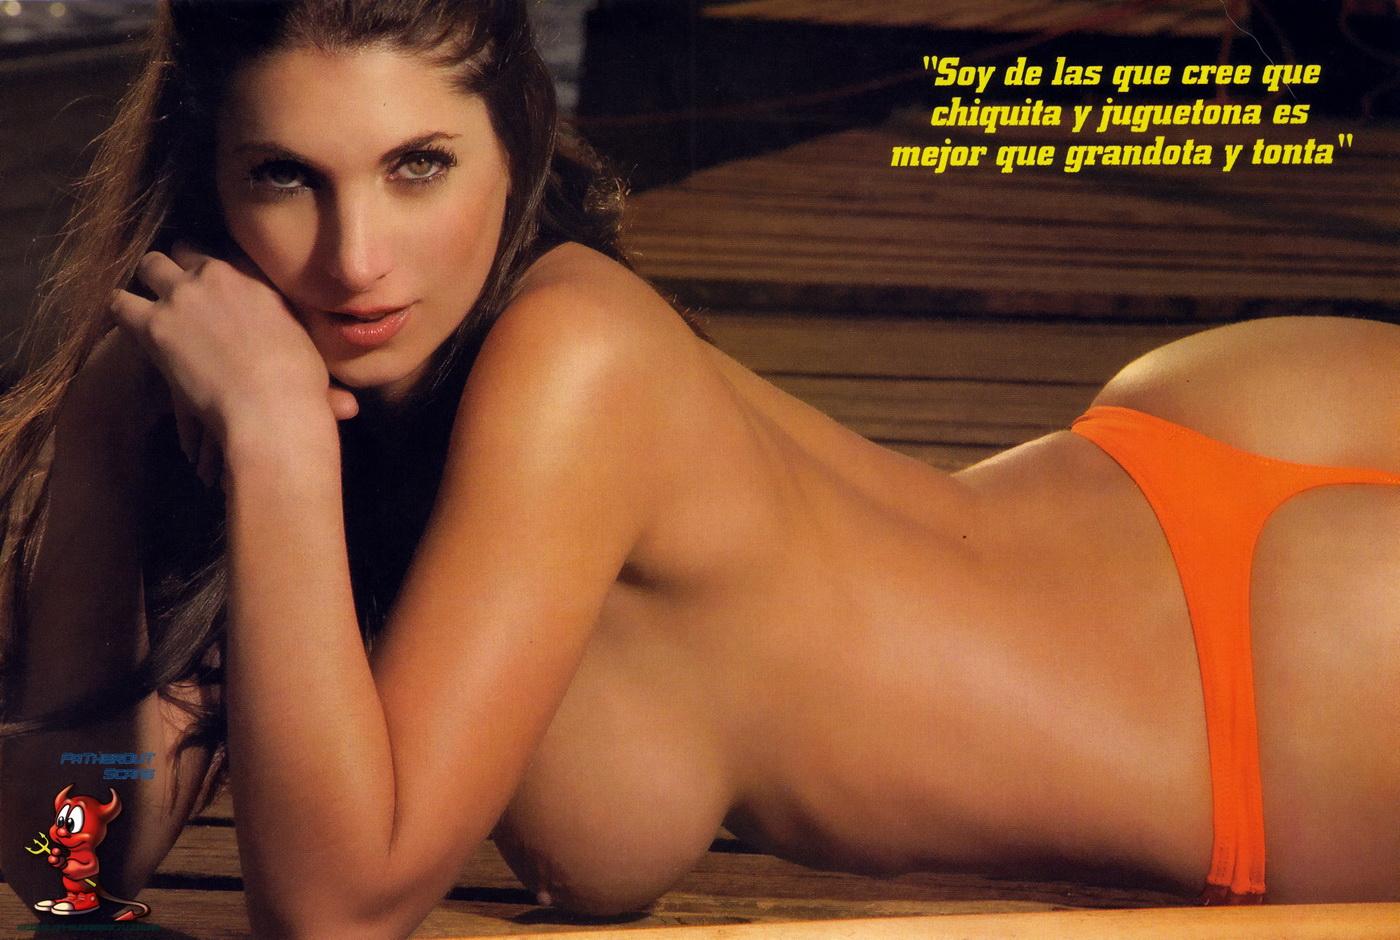 argentinas sexys